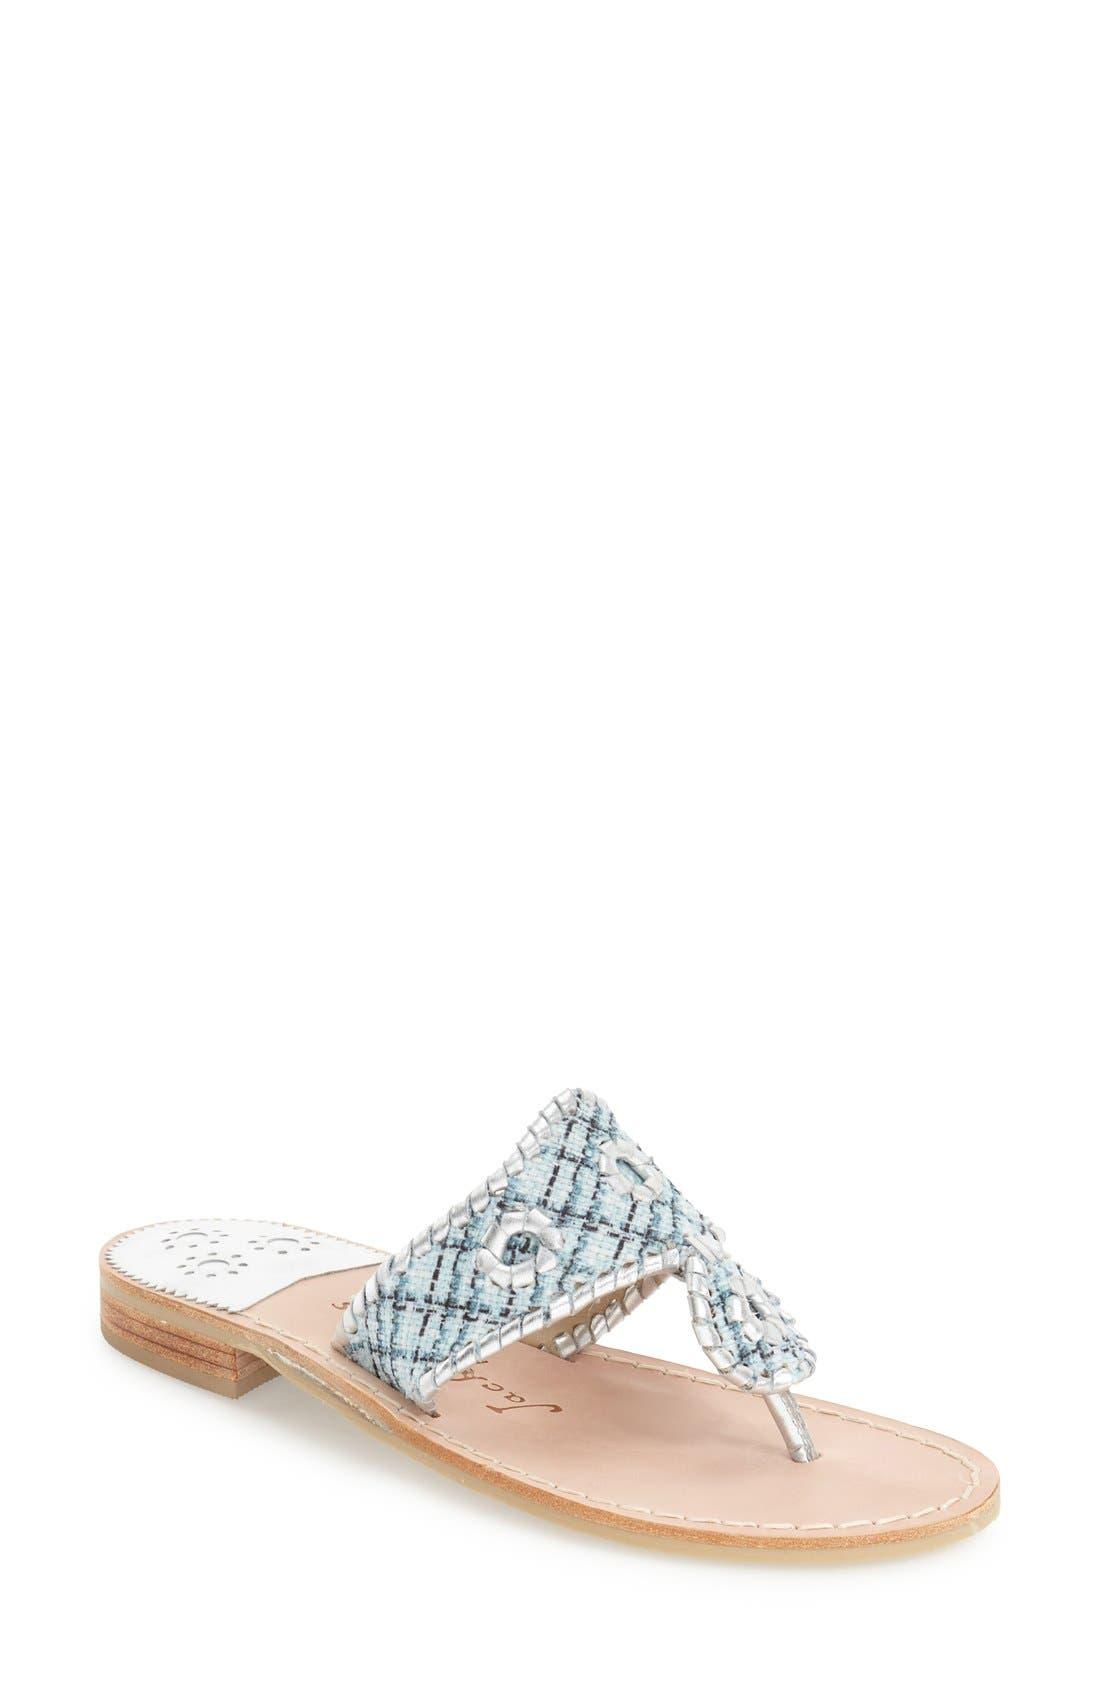 JACK ROGERS 'Shiloh' Sandal